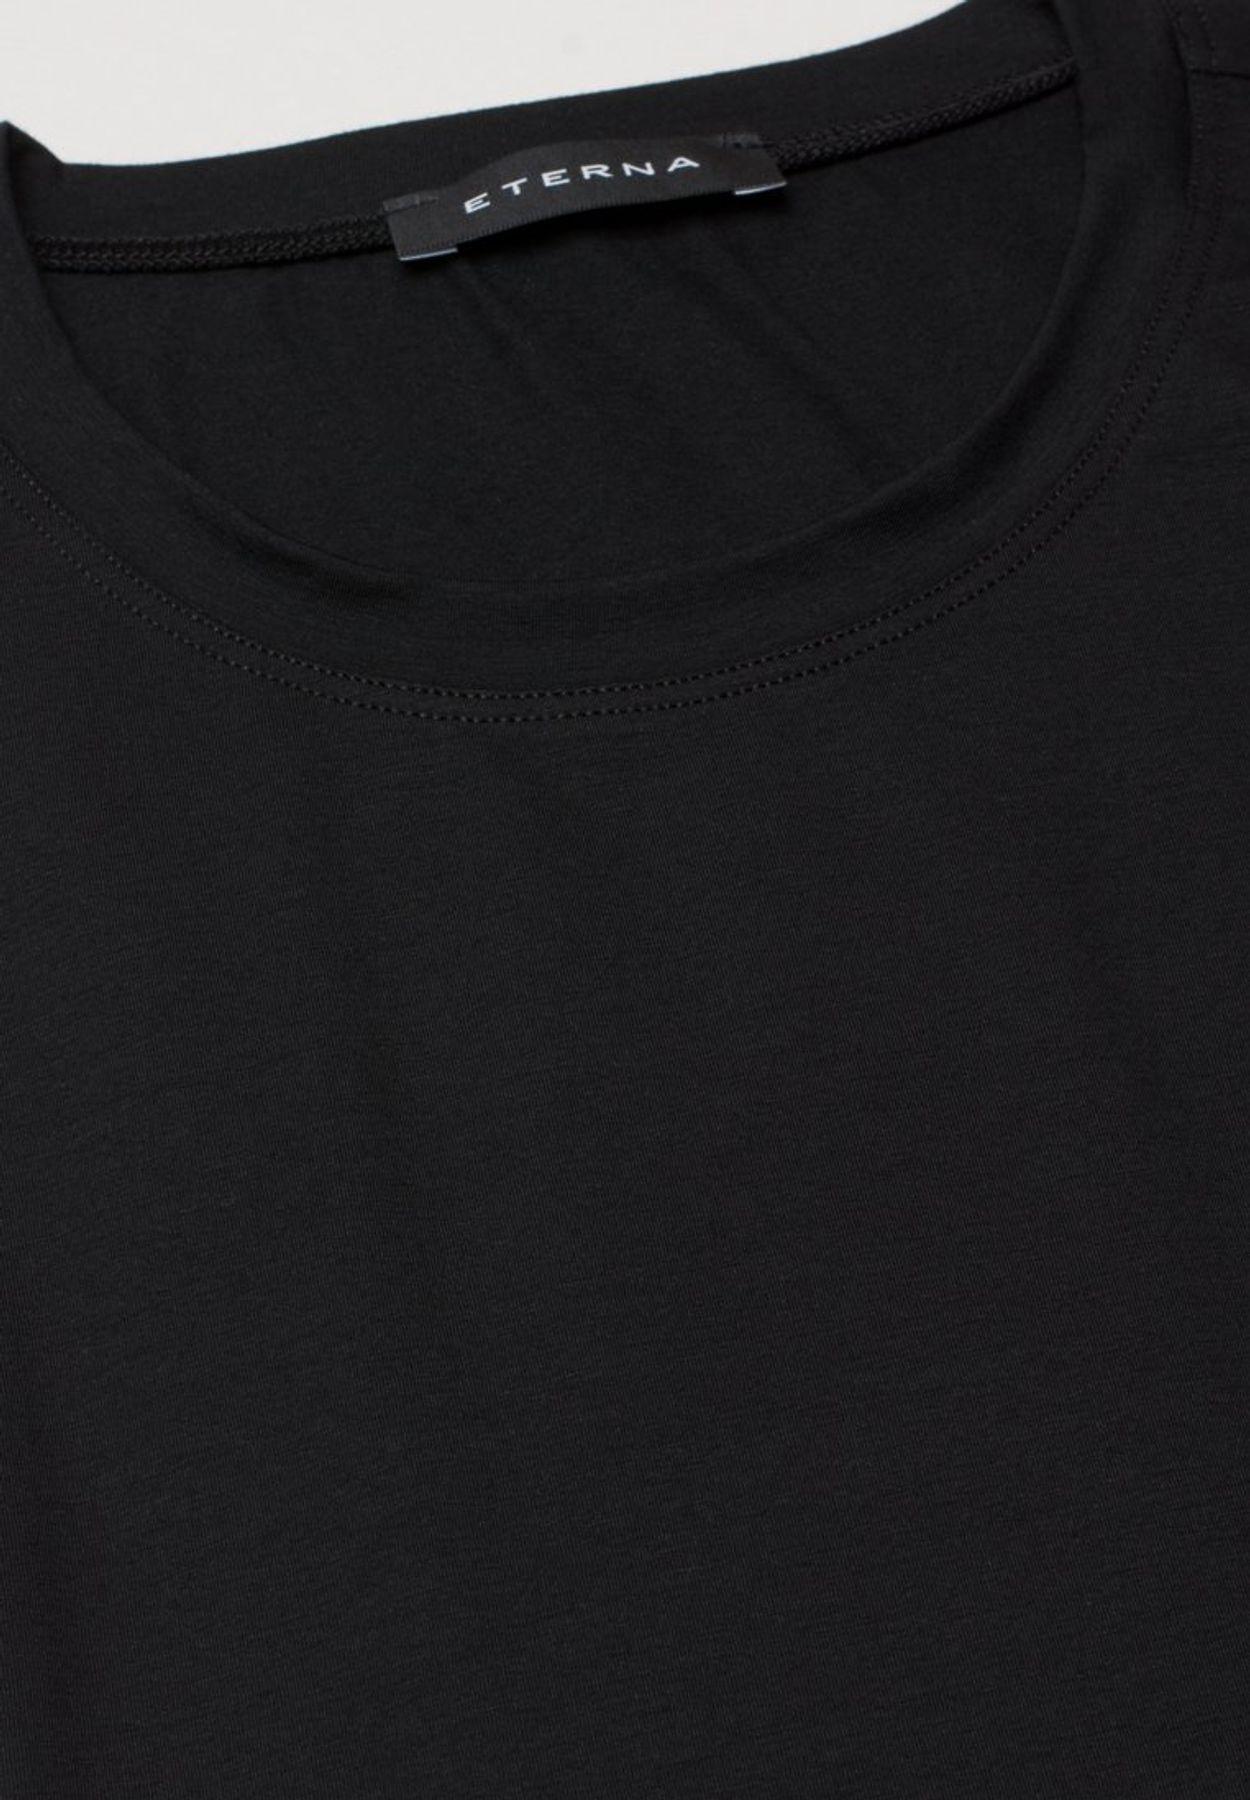 Eterna - Herren Bodyshirt mit Rundhals in schwarz und weiß (801) – Bild 5